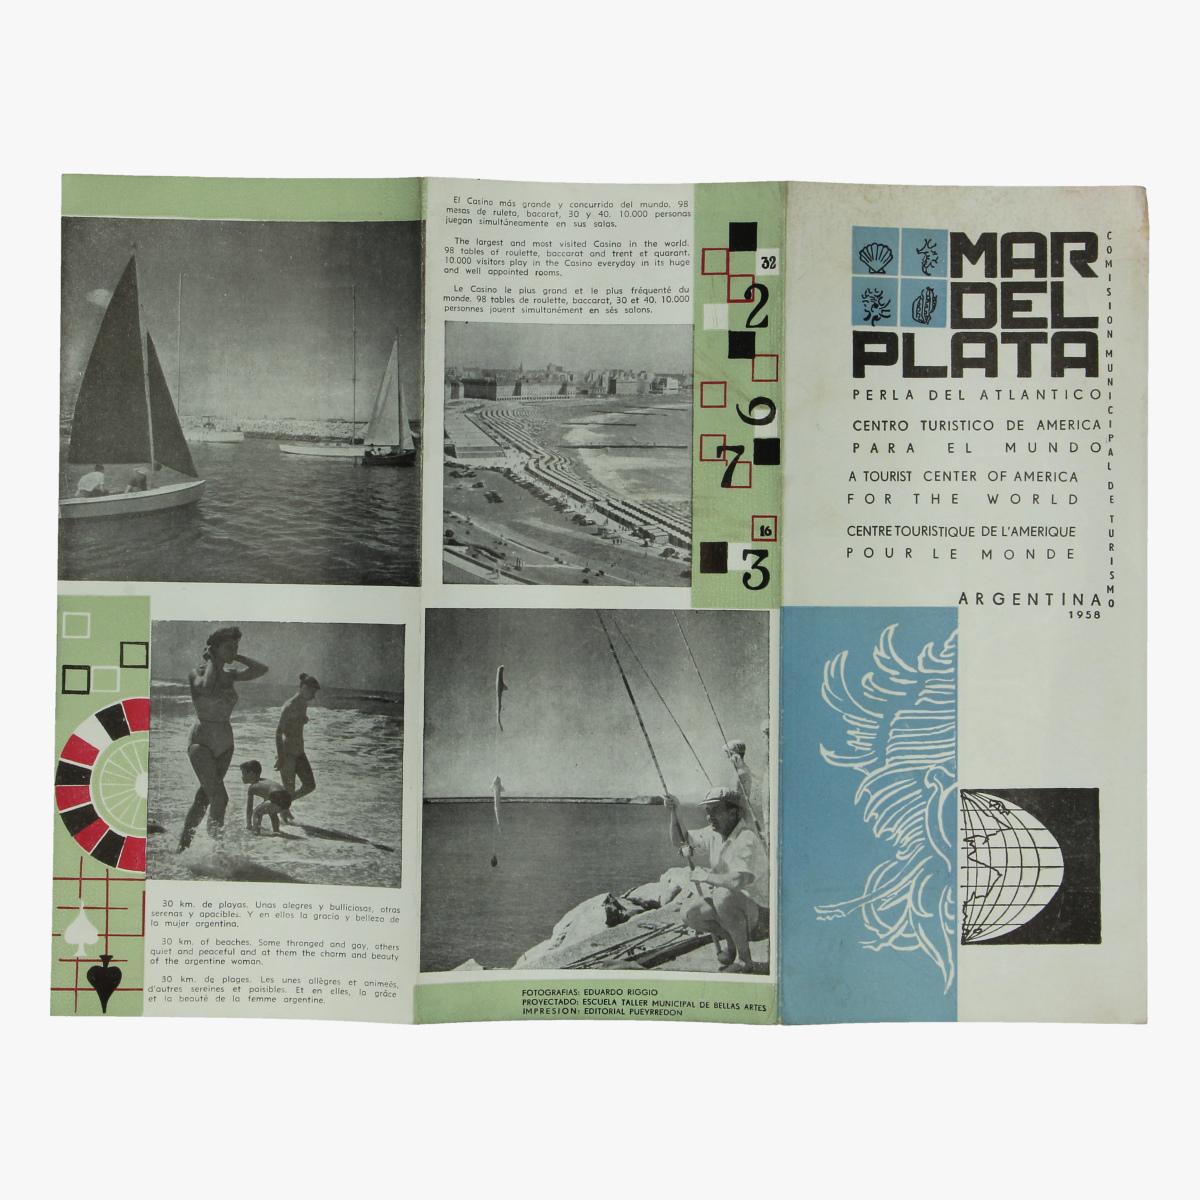 Afbeeldingen van expo 58 folder mar del plata republica argentina